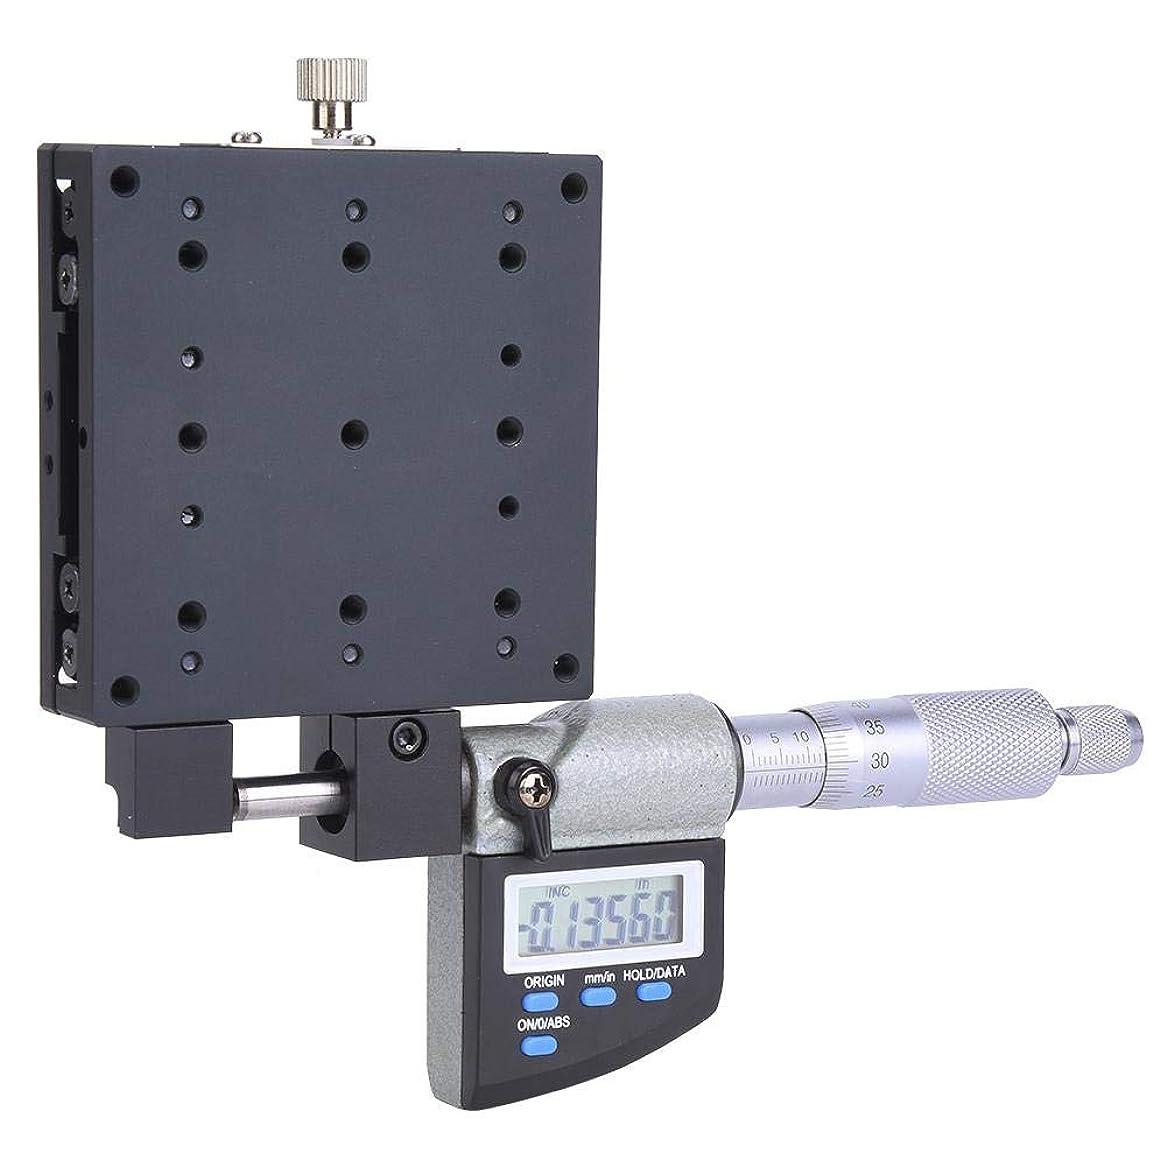 一貫性のないガレージ蓄積するリニアステージ80x80mm 0.001mmマイクロメータプラットフォームデジタル表示Xリニア移動ステージ